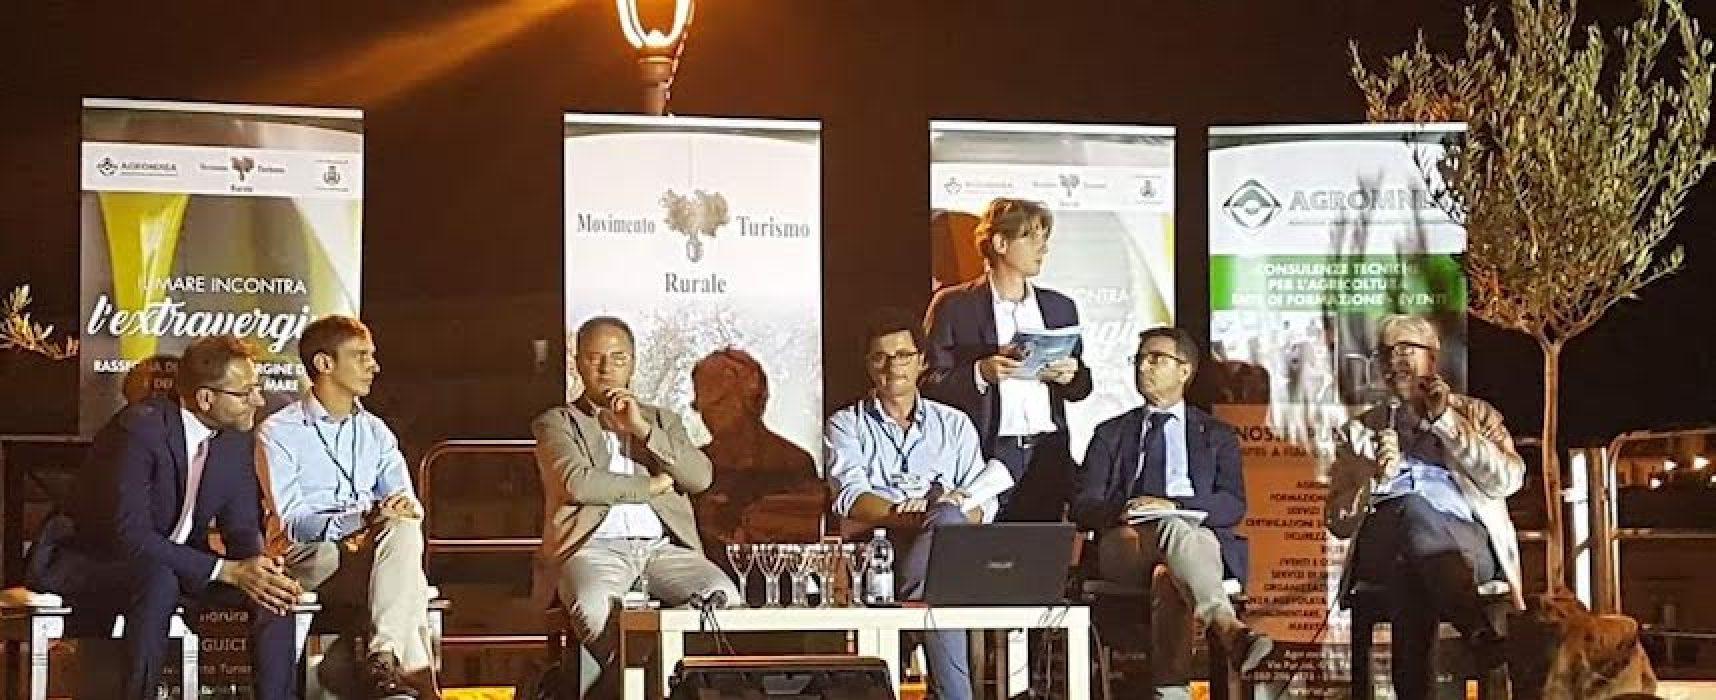 """Conclusa la II edizione de """"Il mare incontra l'extravergine"""", gli organizzatori: """"Grande successo"""""""